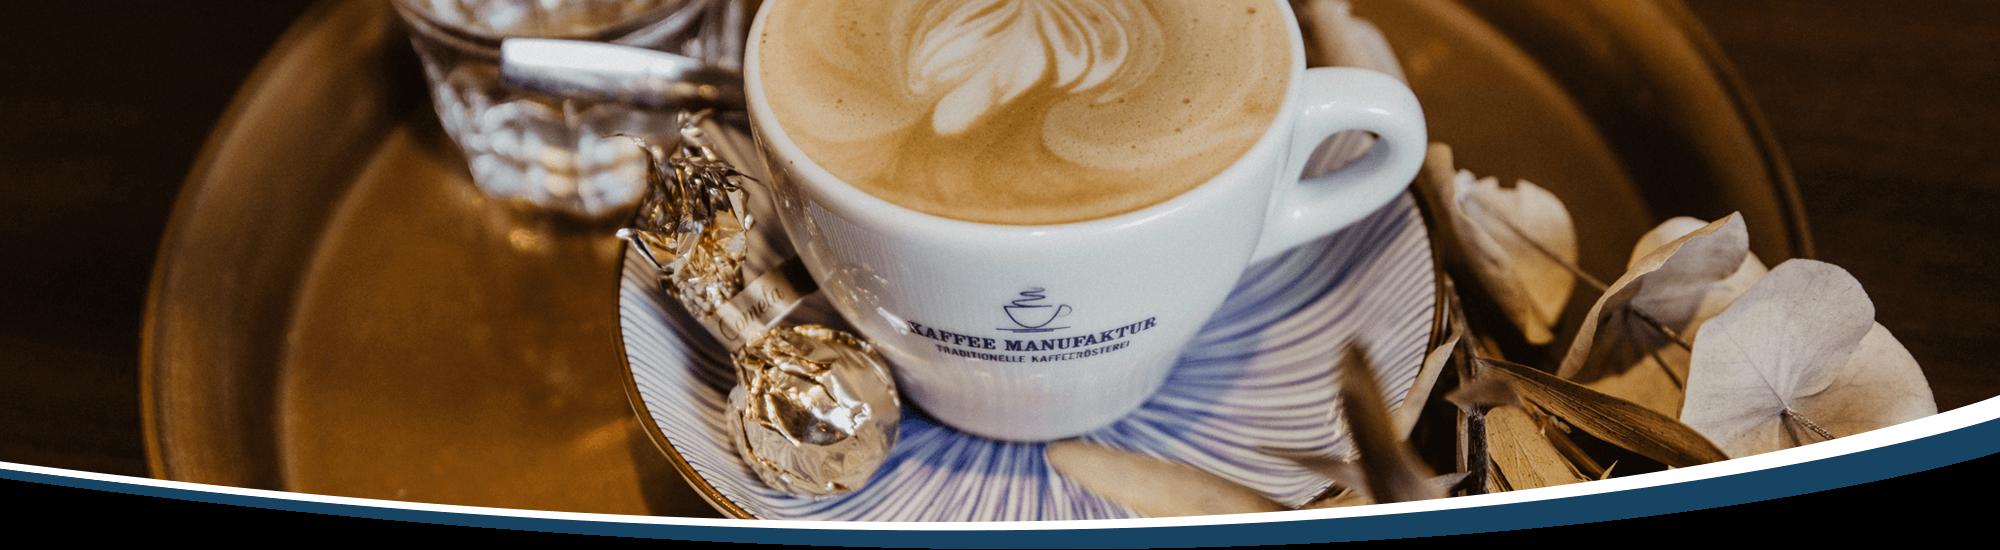 Eine Tasse Cappuccino und ein Glas Wasser sind sehr anstrechend und dekorativ auf einem Tablett angerichtet